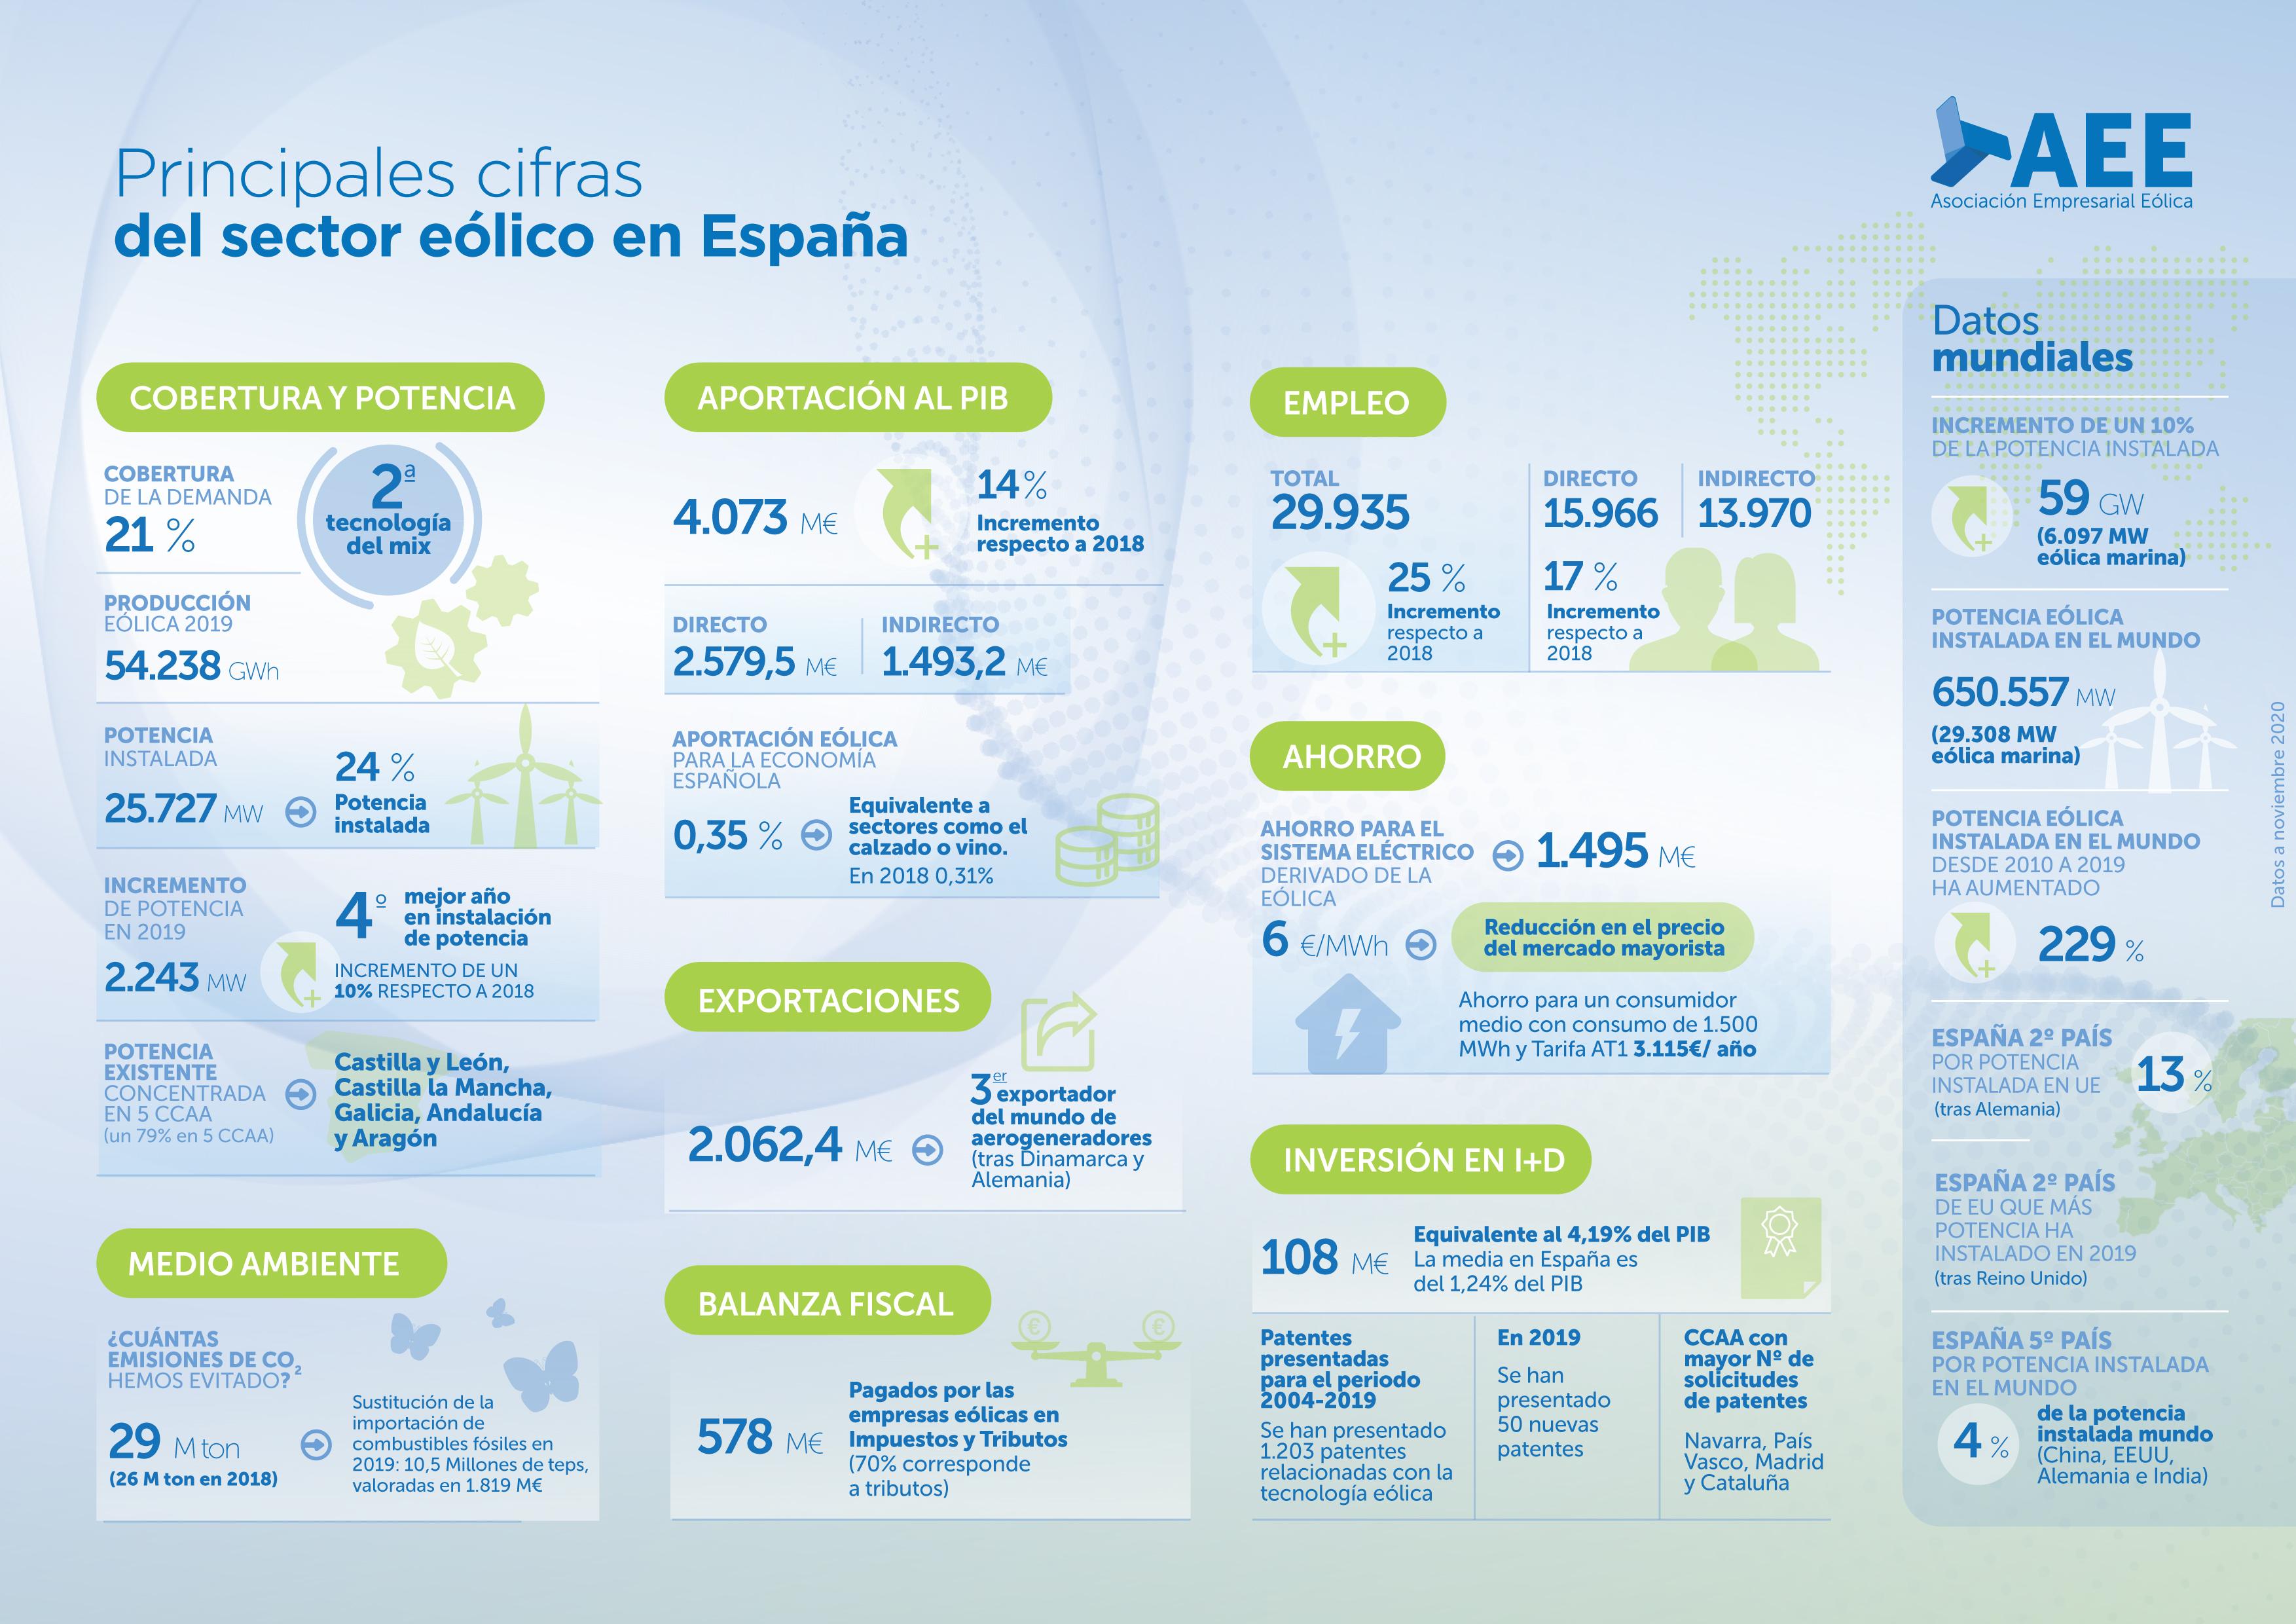 Principales cifras del sector eólico